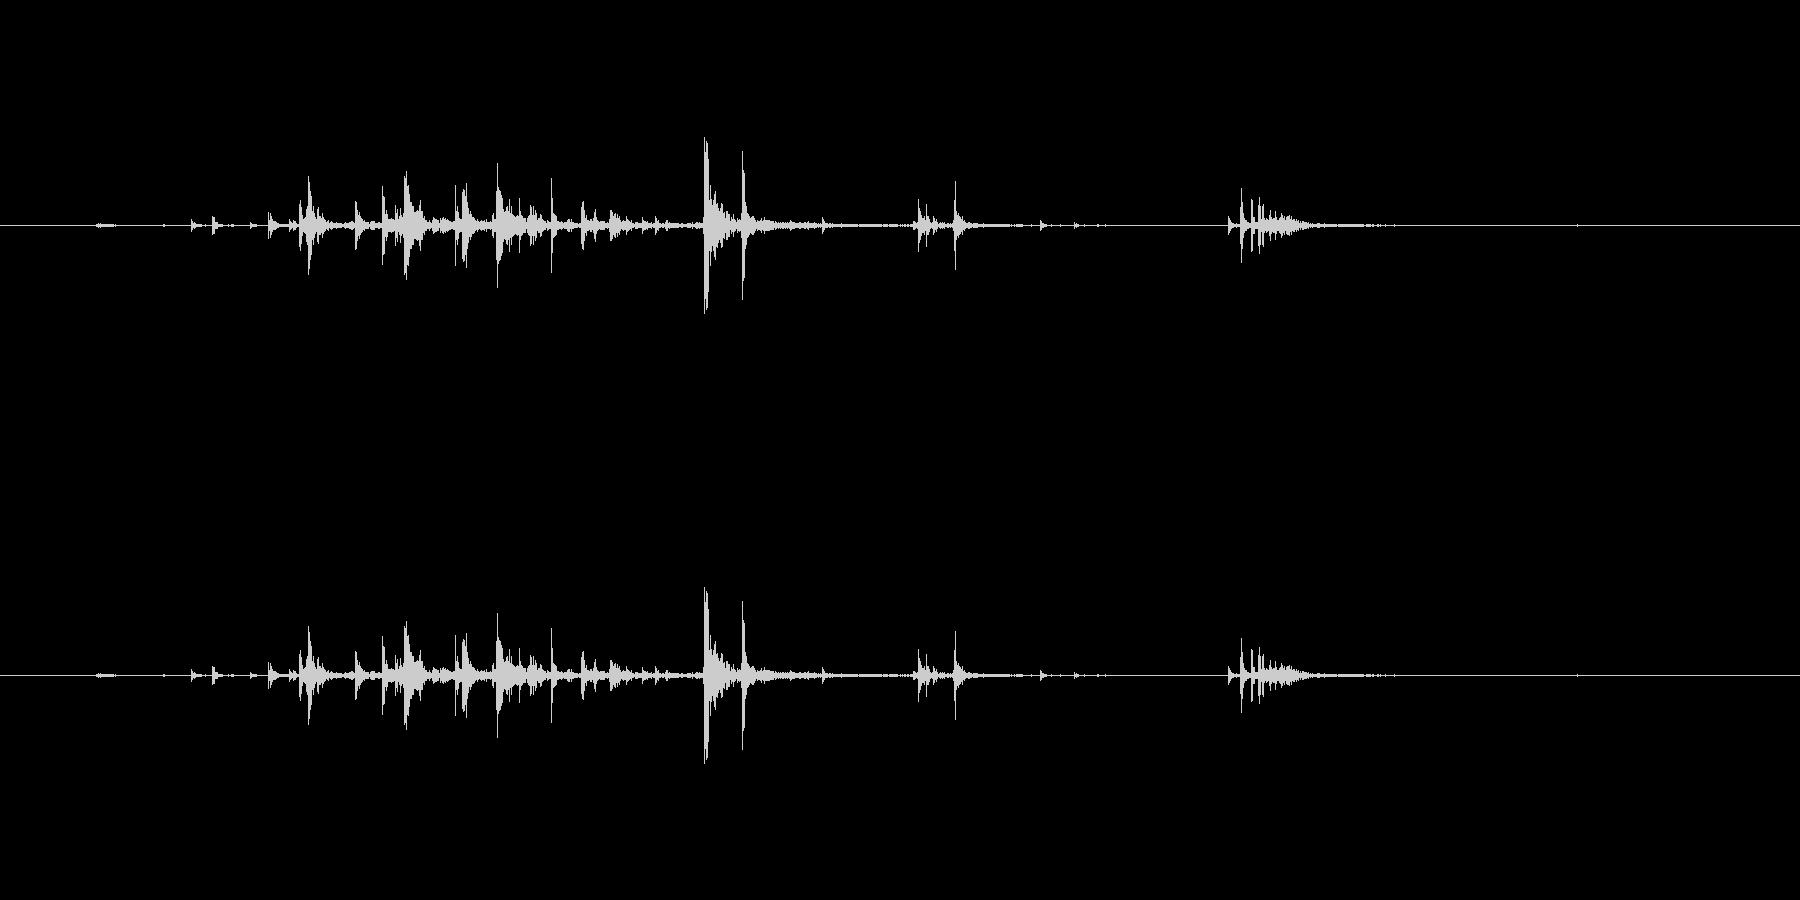 きゅうりを丸ごとかじる音の未再生の波形